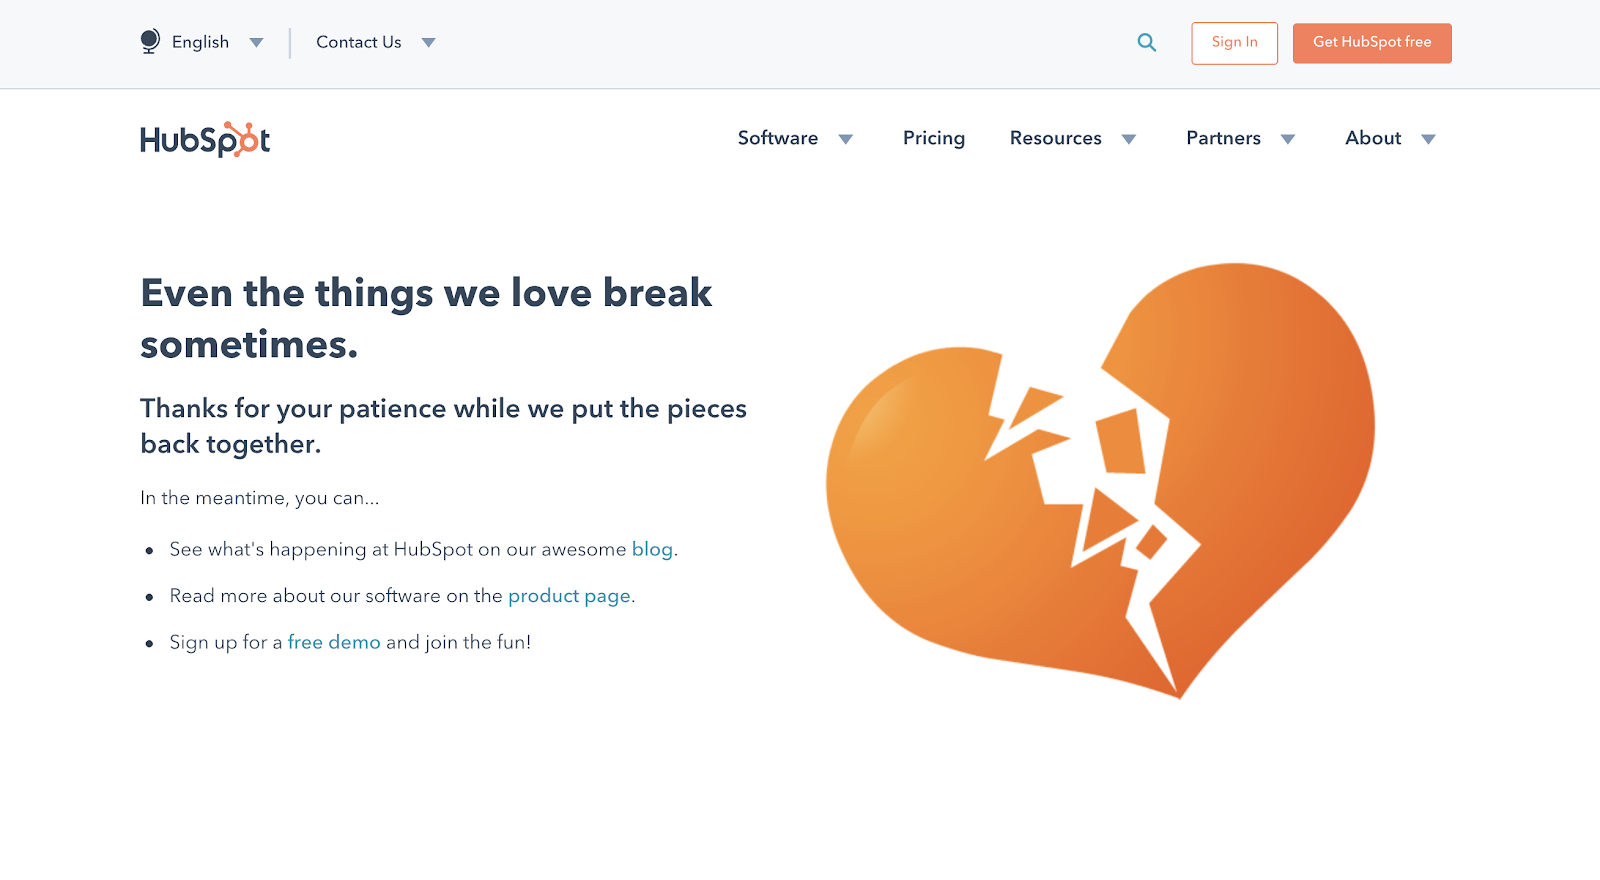 HubSpot 404 error page